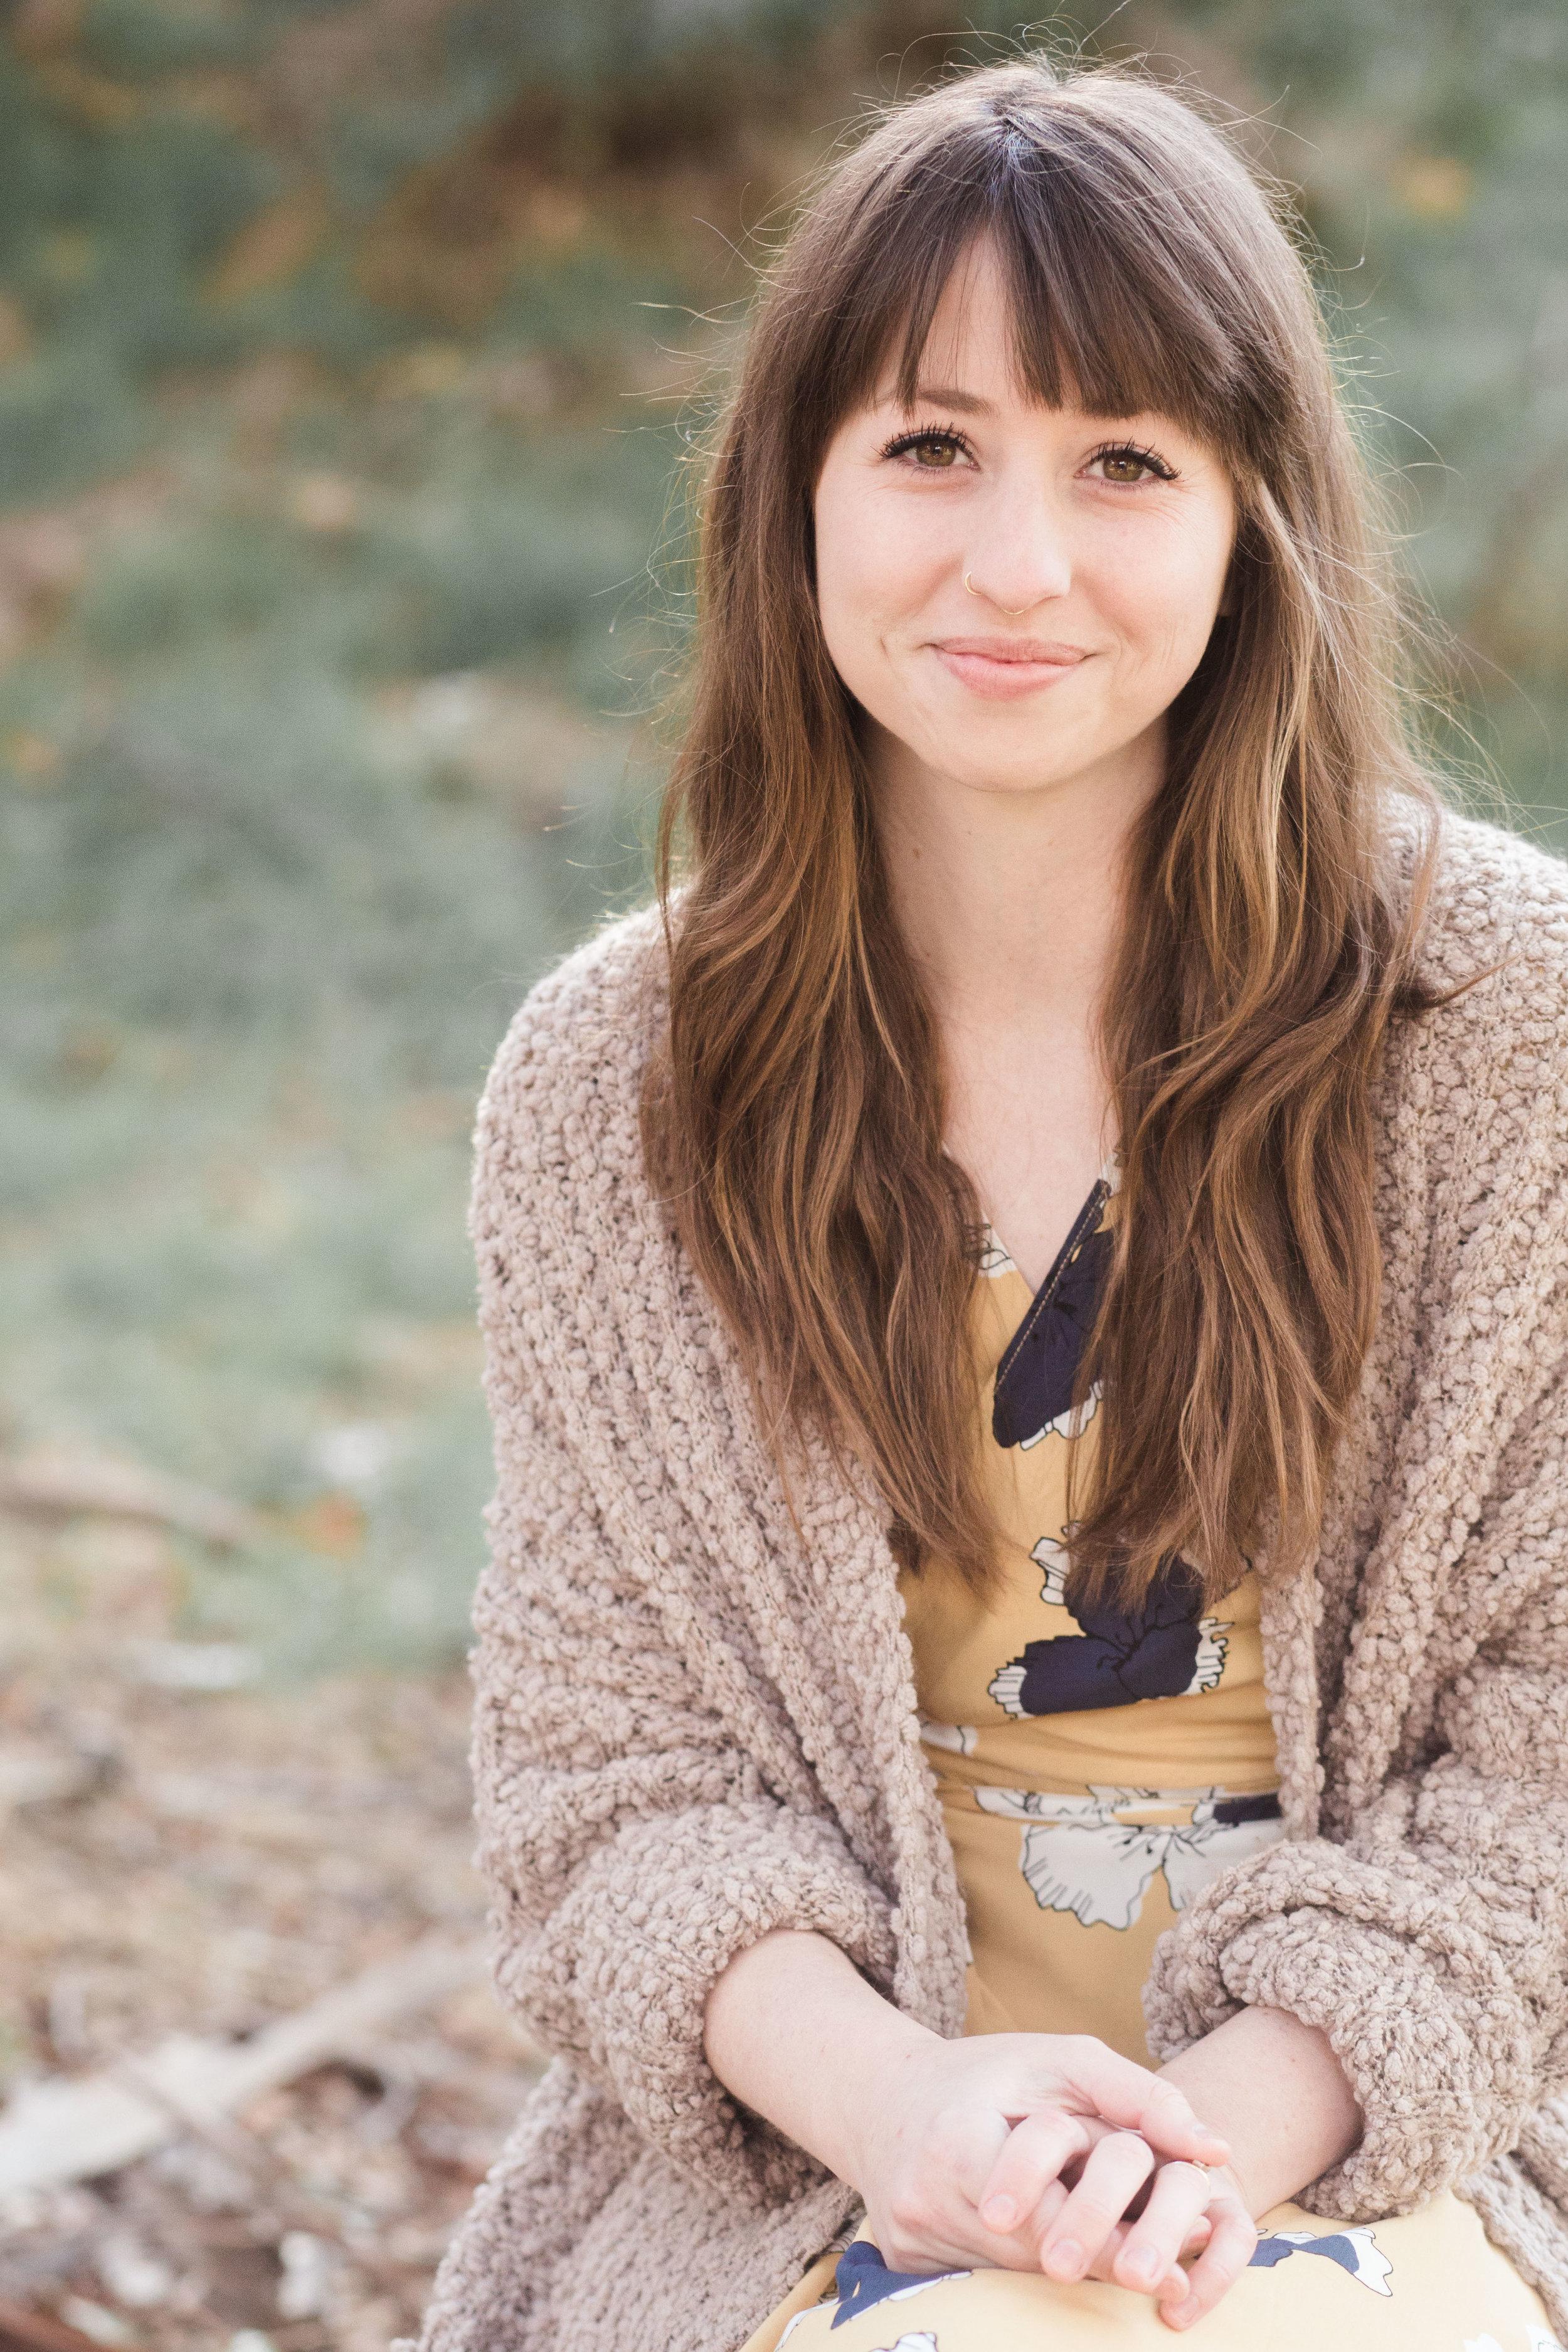 Tricia Kayiatos-Smith, LCSW #89568